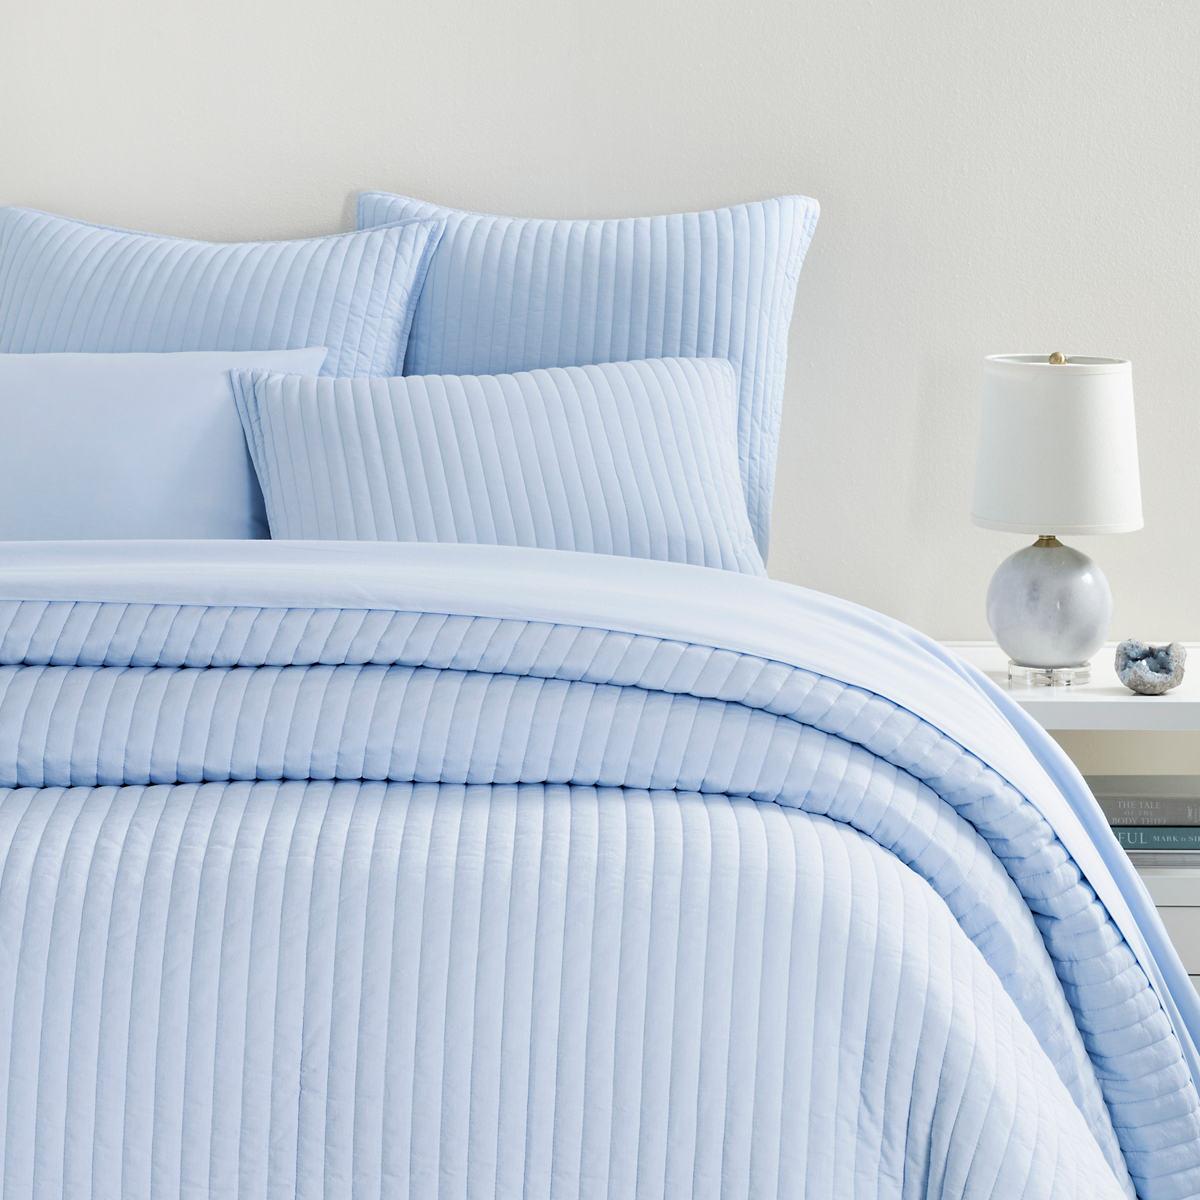 Comfy Cotton Soft Blue Quilt